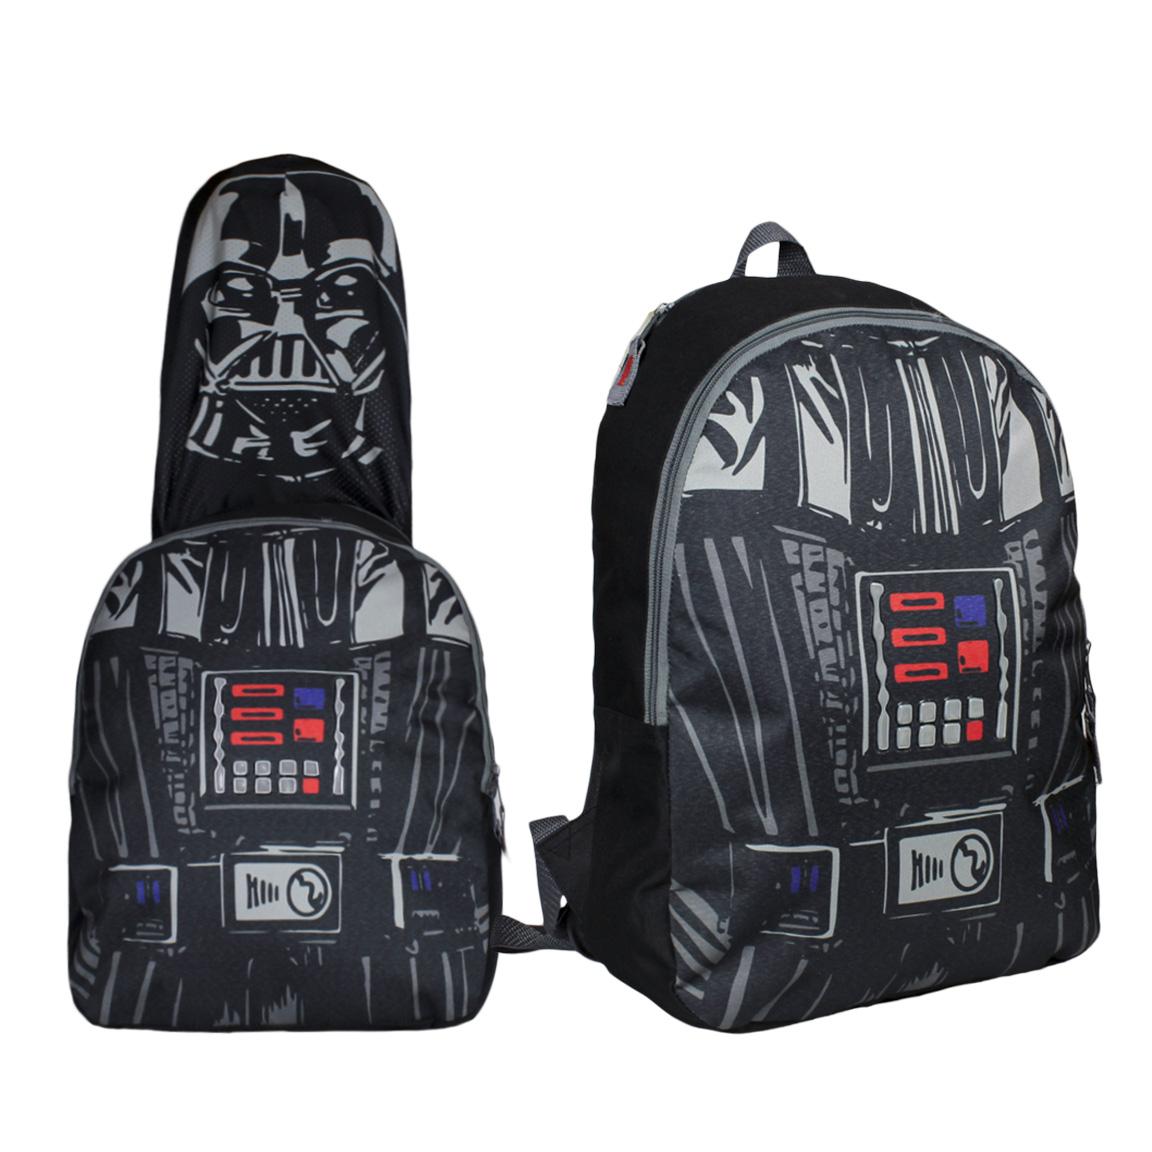 514a7d73d6 Disney Brand Chlapčenský batoh s maskou Star Wars - čierny ...